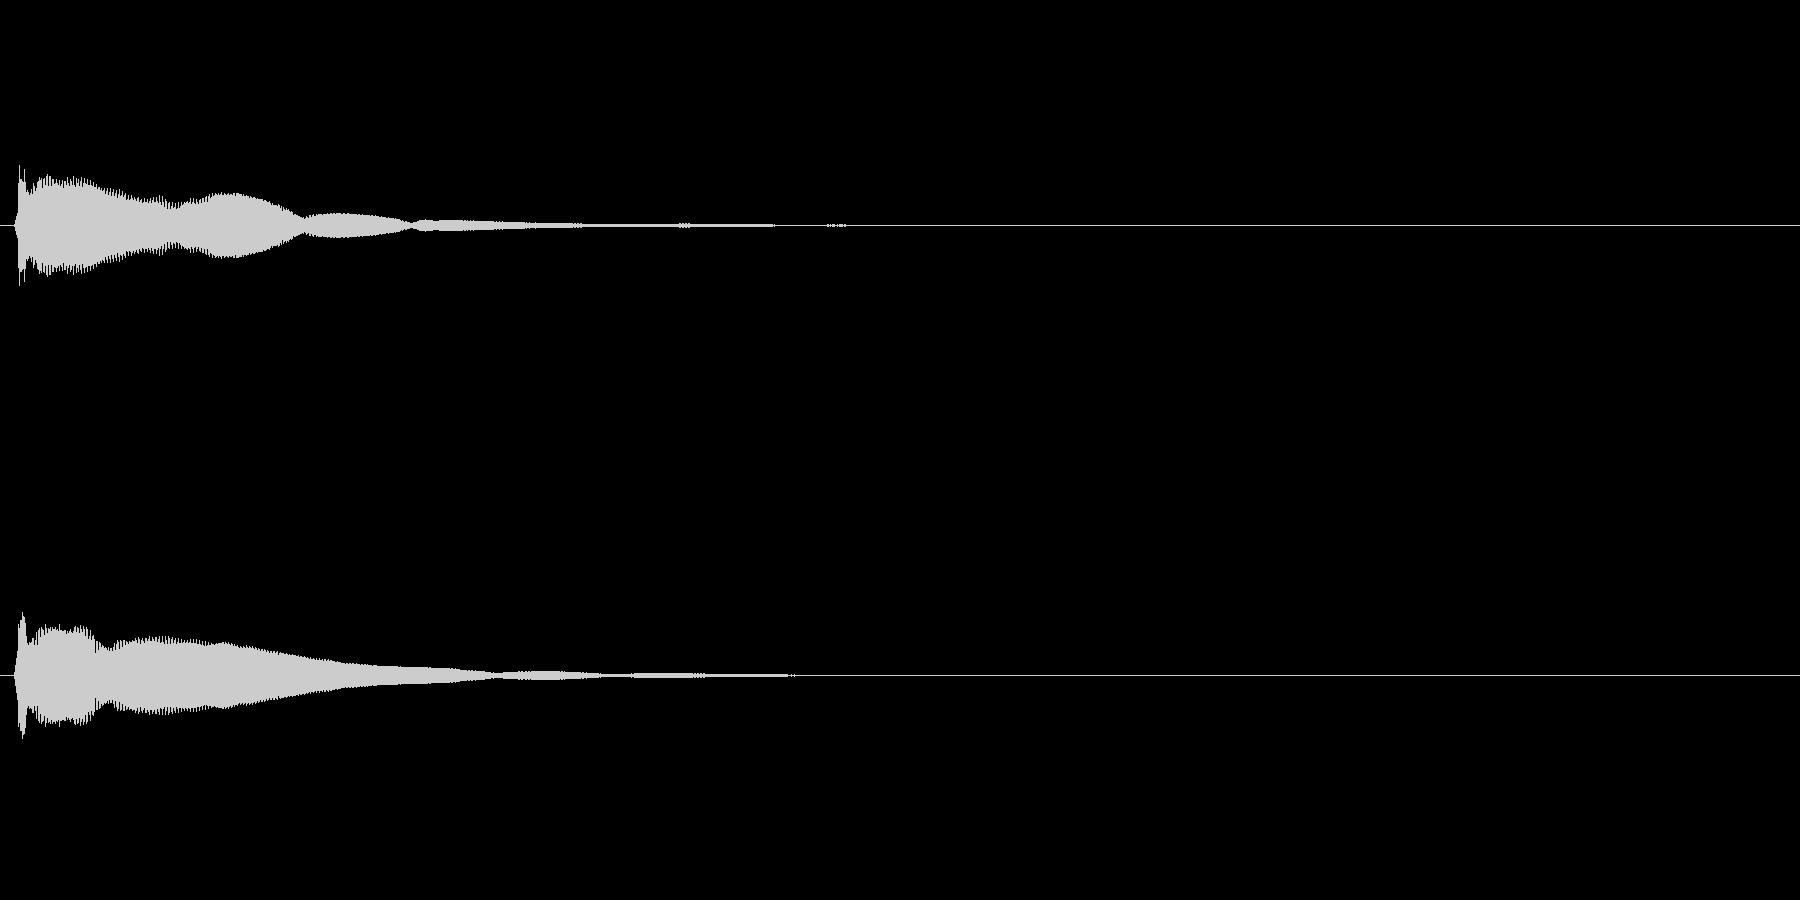 キラキラ系_107の未再生の波形